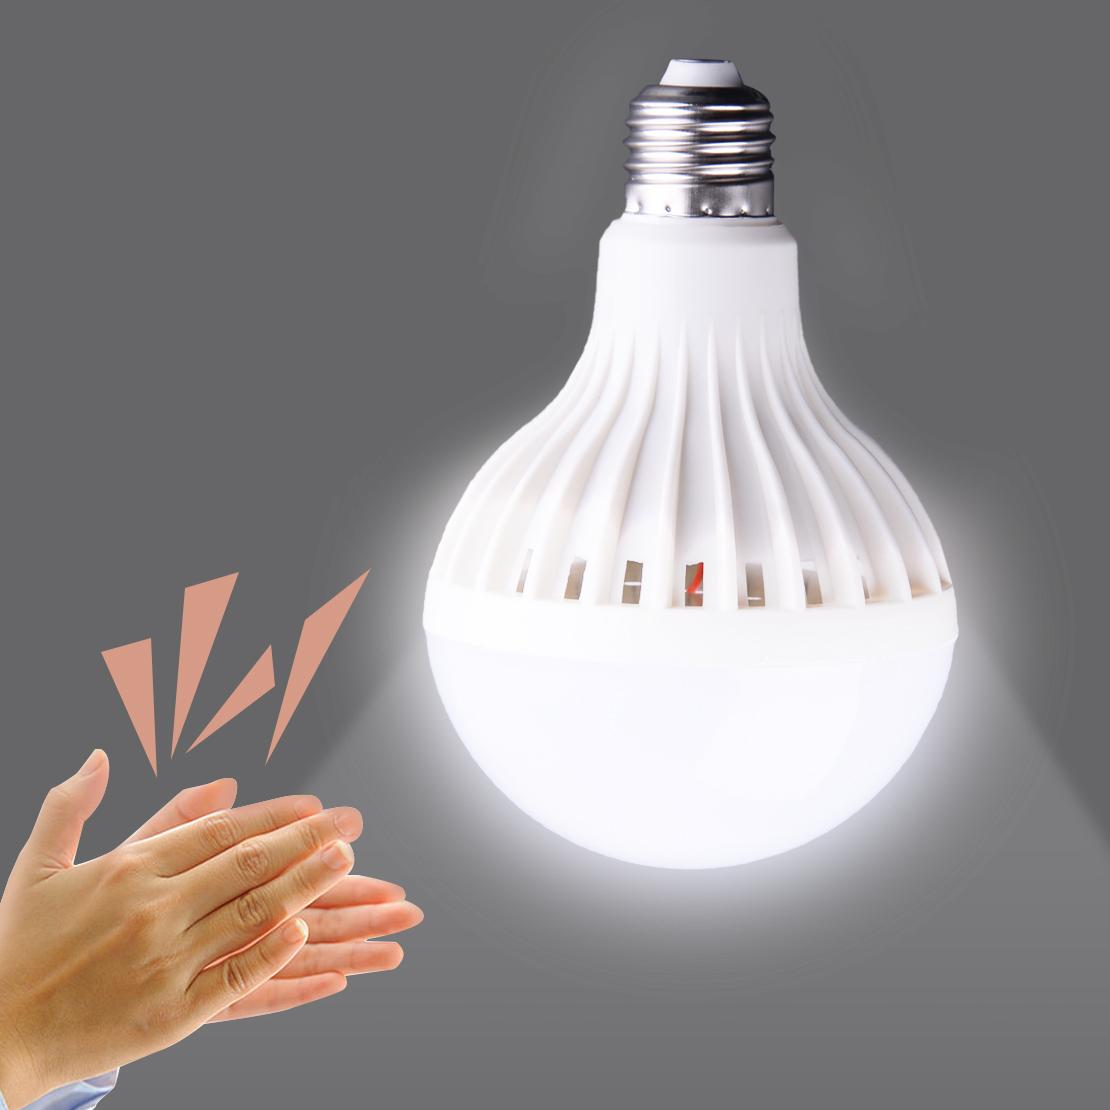 E27 12W New Clap /& Turn The Light Bulb Lamp LED Sound Smart Sensor Energy Saving